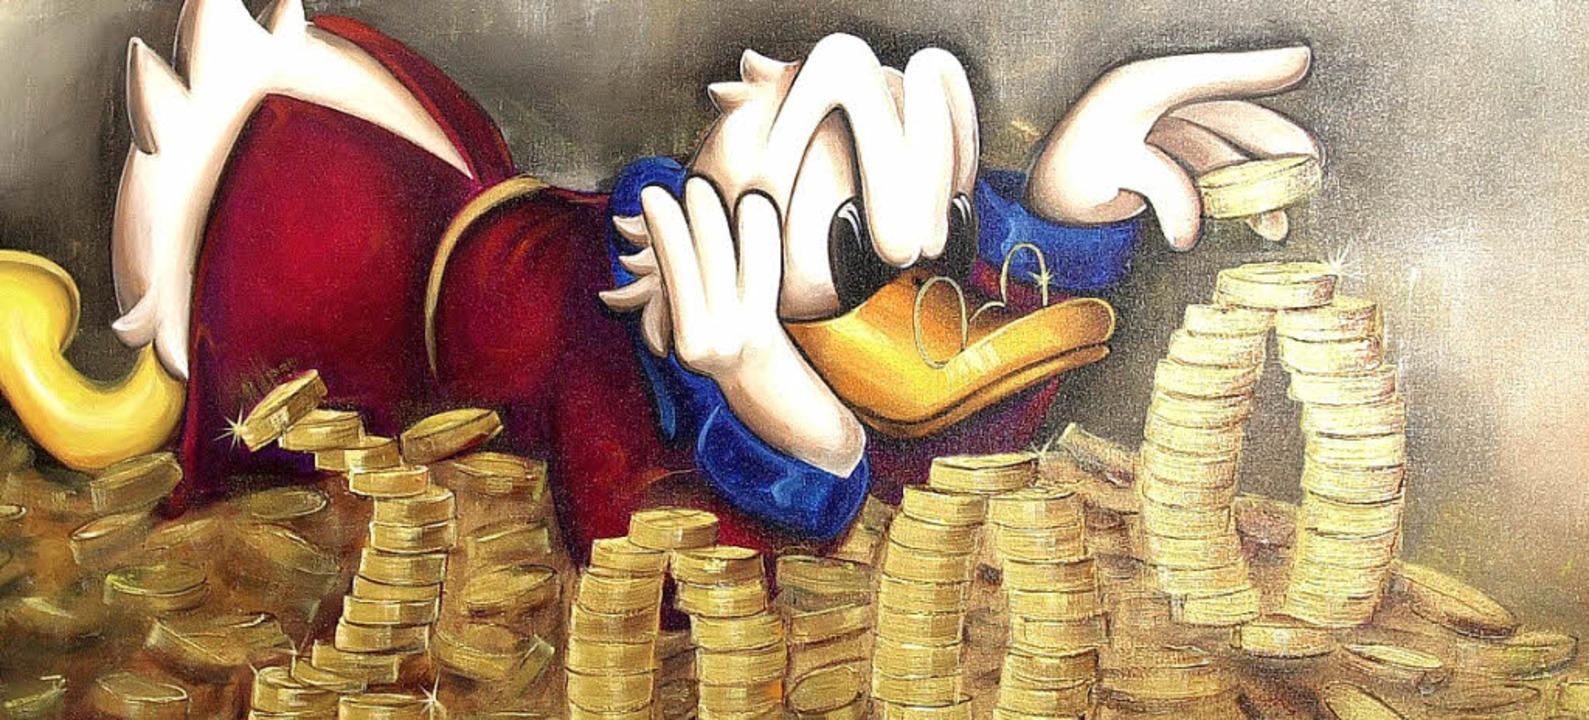 Ob die neuen Reichen auch im Geld baden wie Onkel Dagobert?    Foto: DPA